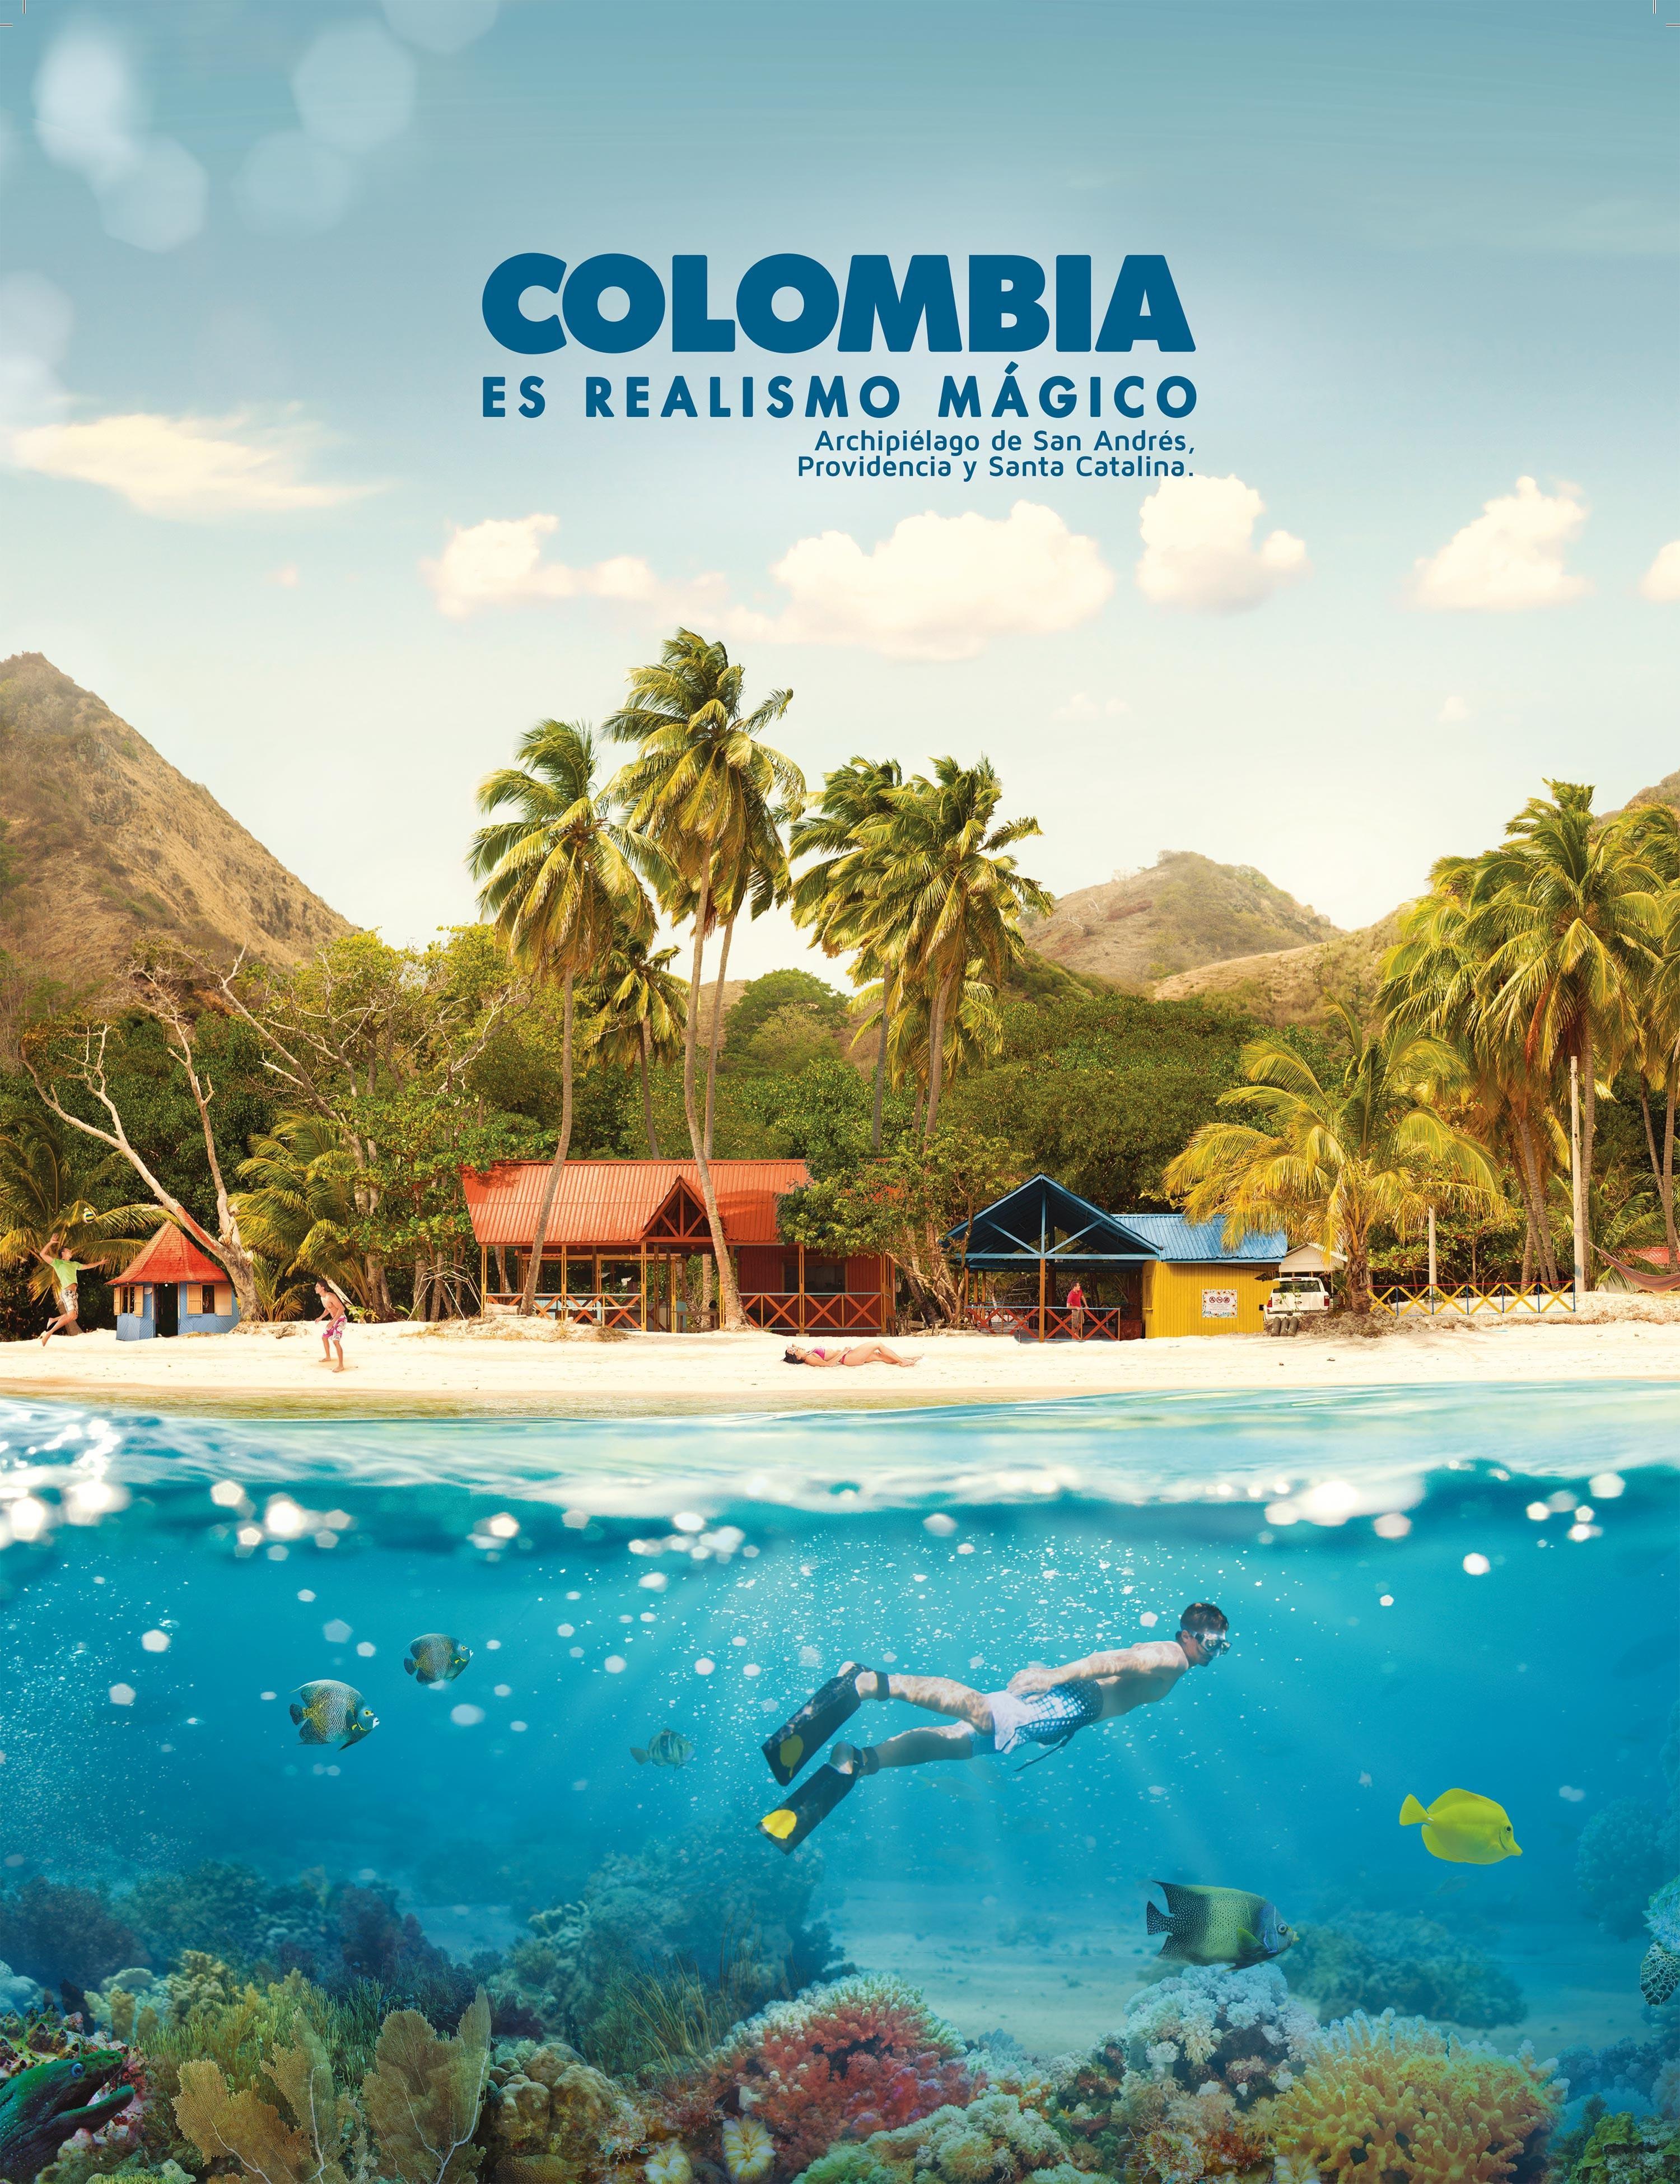 Colombia es realismo mágico